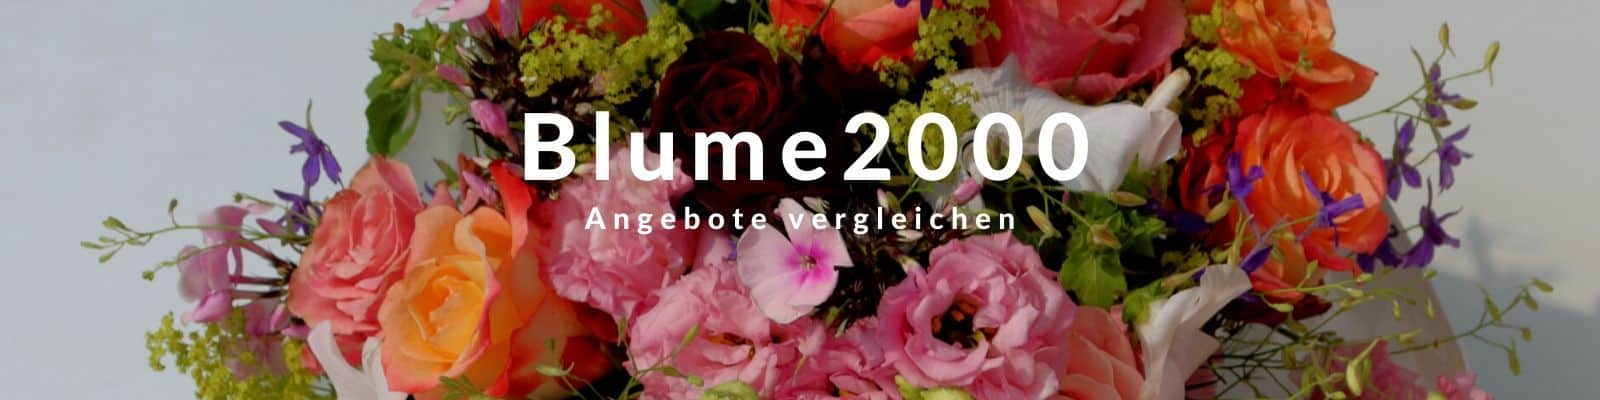 Banner Blume2000 Blumenversand